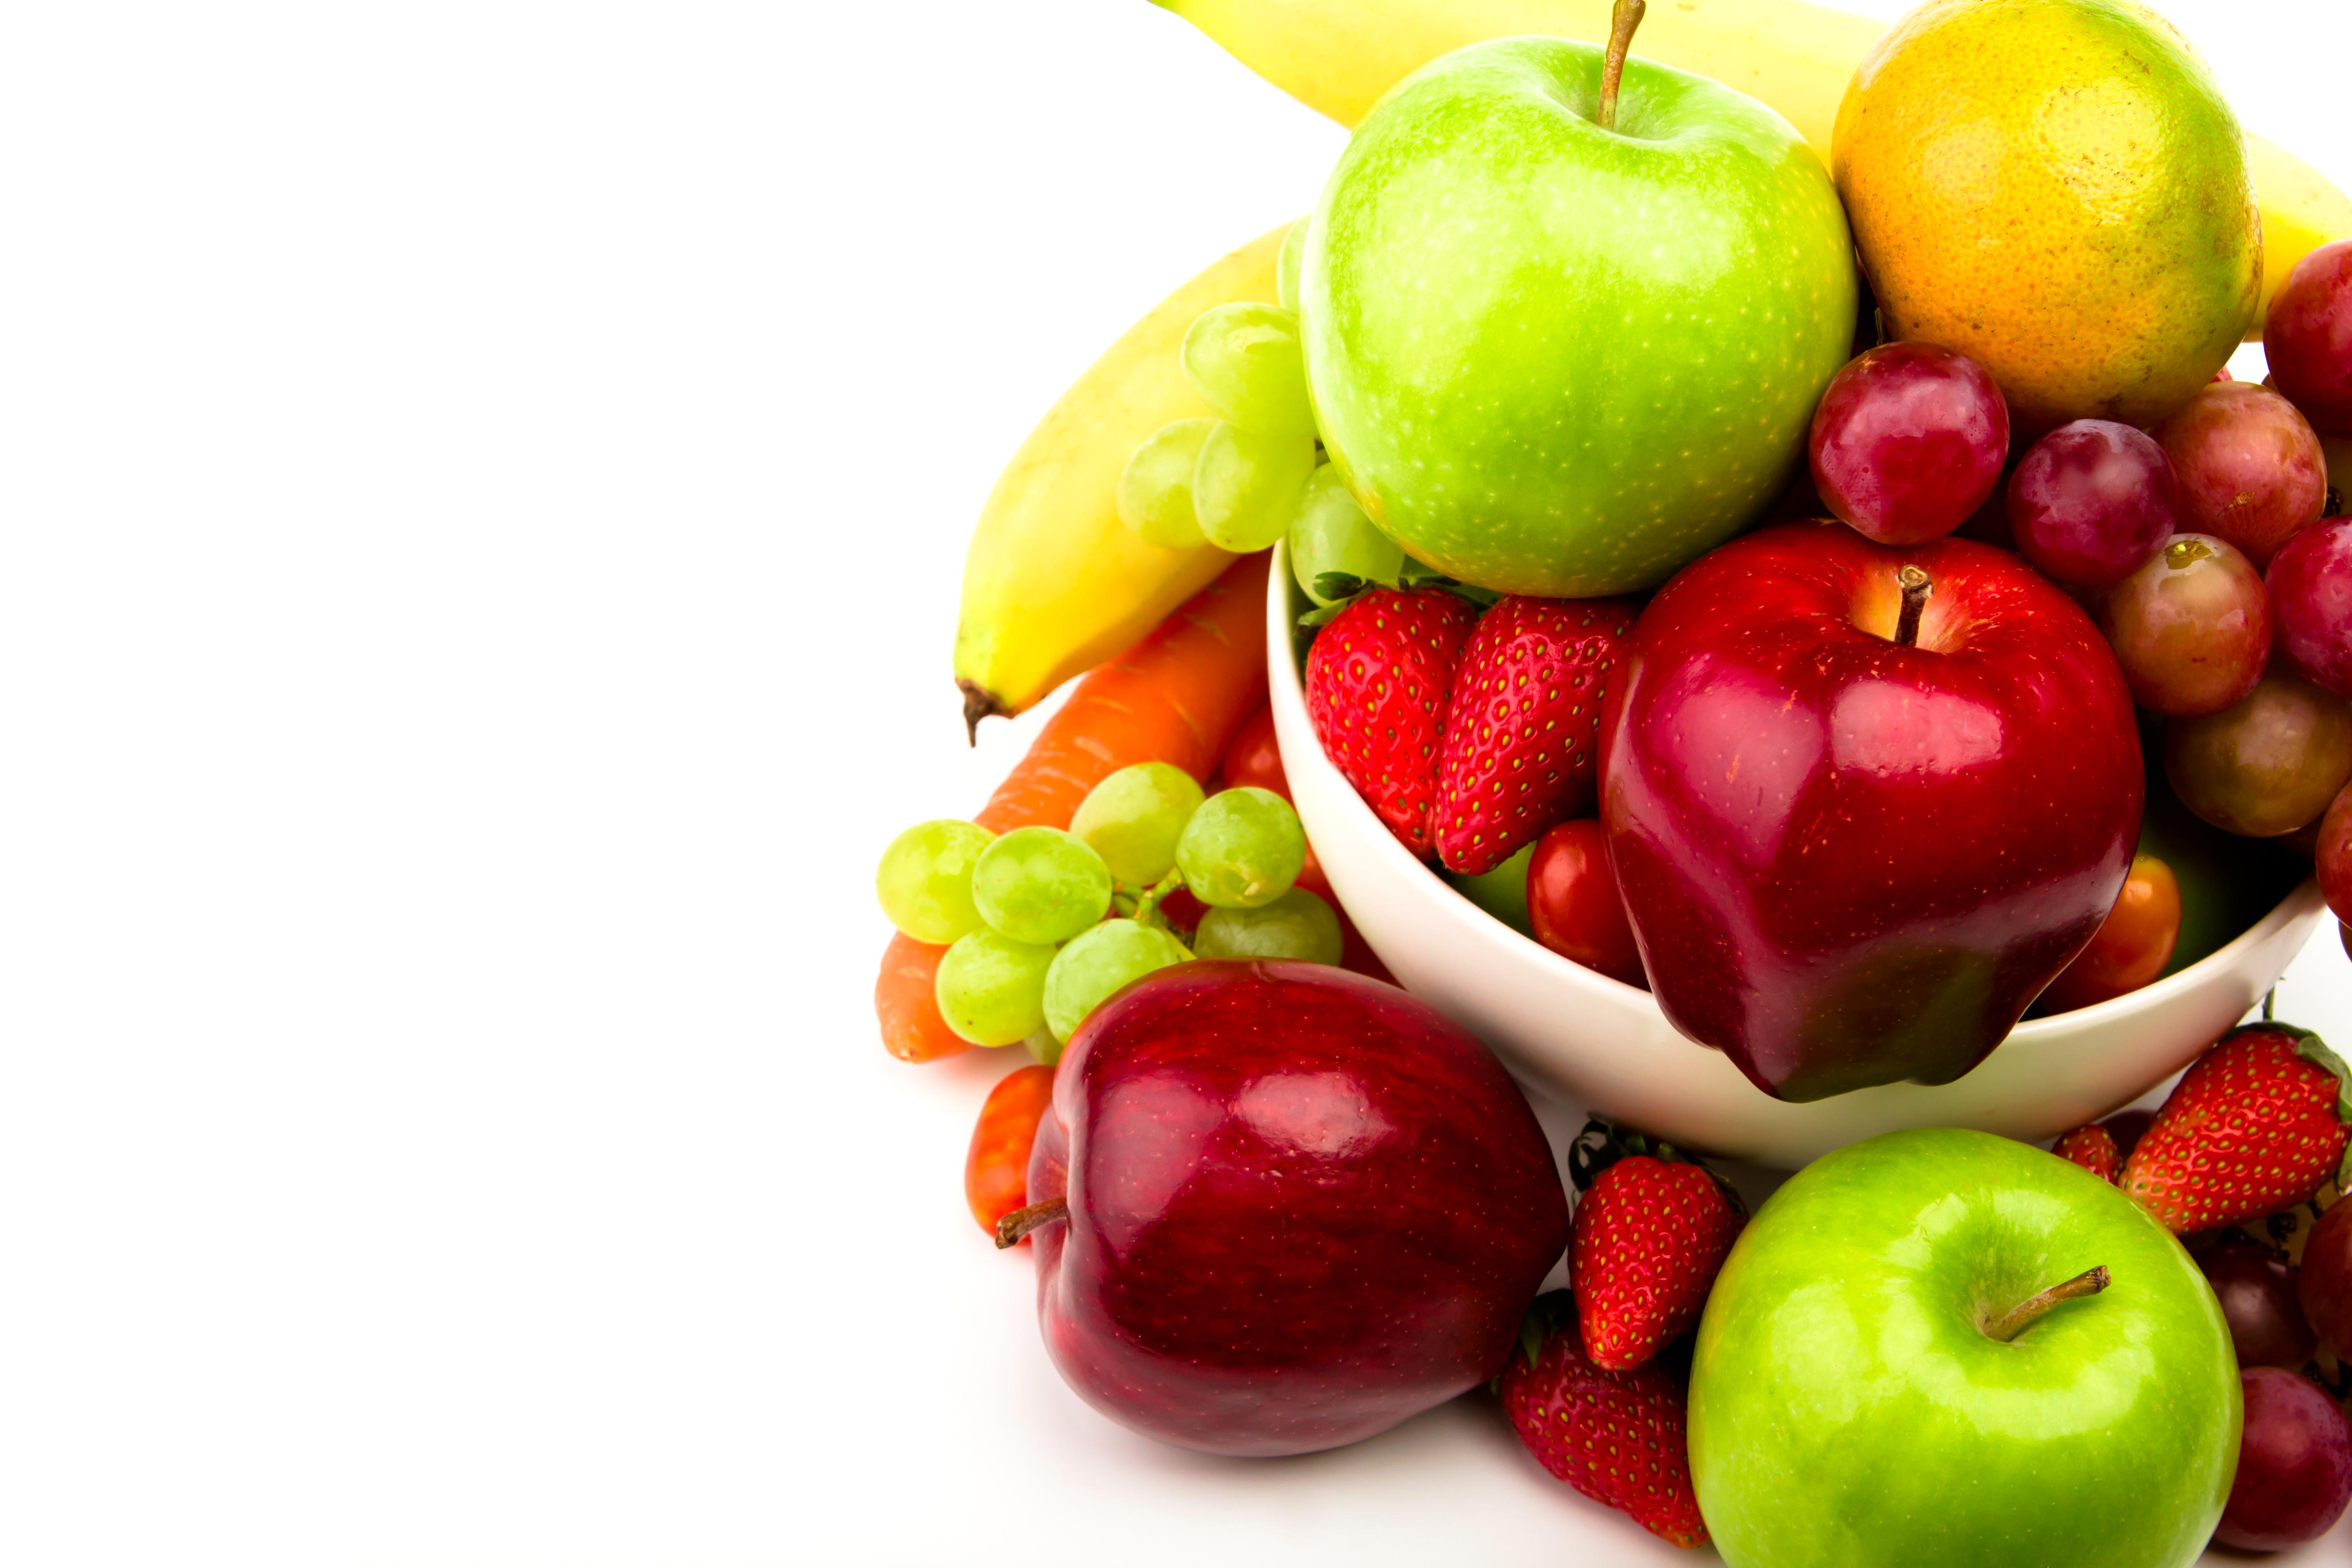 skladování ovoce